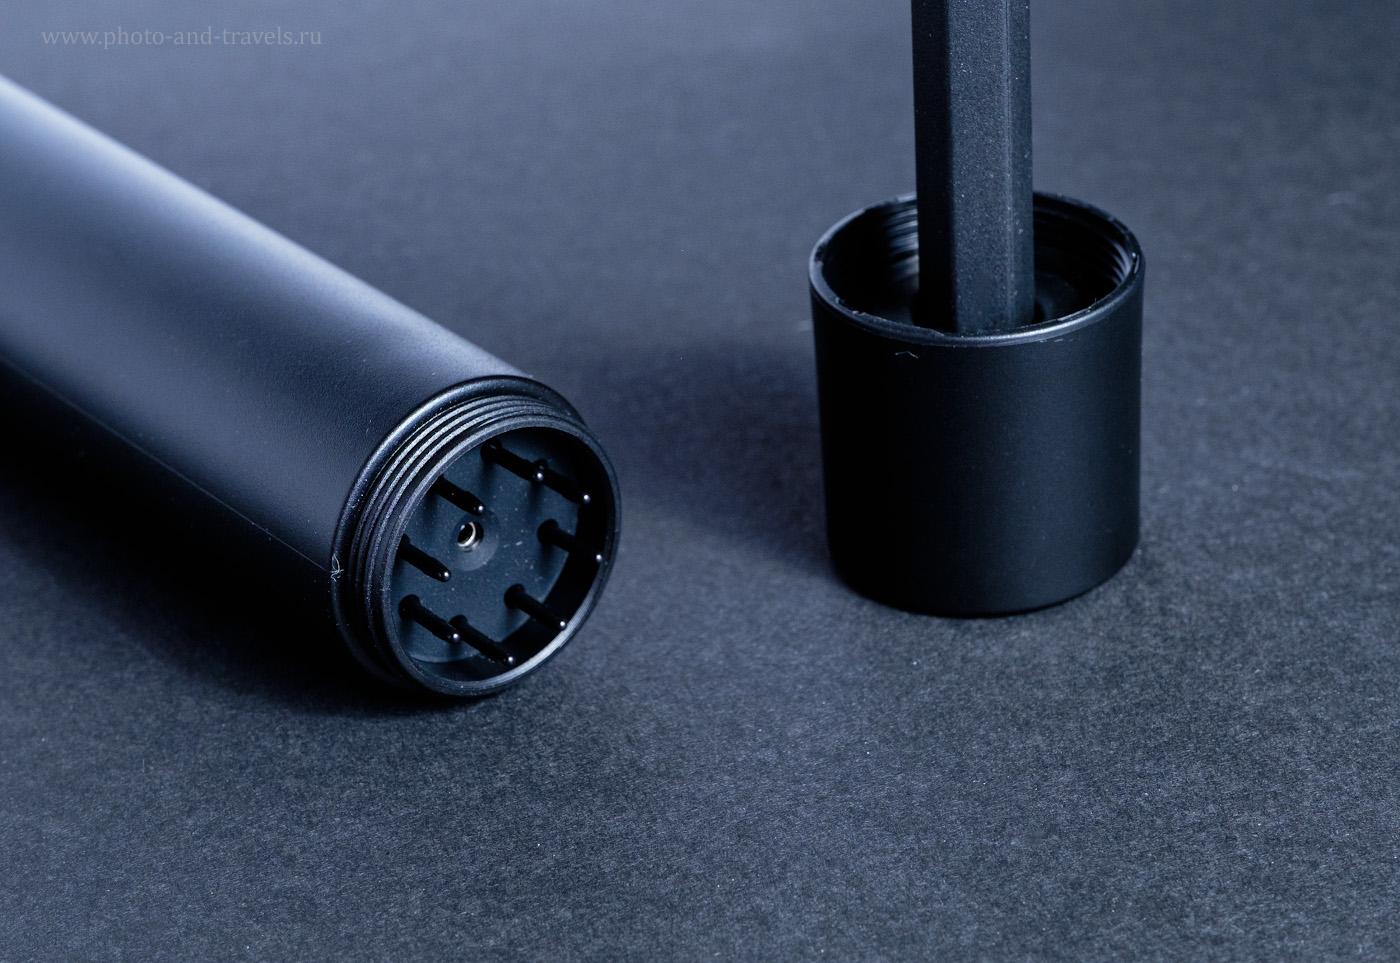 Фотография 6. Пенал планшета XP-PEN Deco 02, хранящий 8 сменных наконечников. Отверстие в центре позволяет их снимать со стилуса при замене. Крышка достаточно тяжелая, чтобы устанавливать перо вертикально. 1/180, 10.0, 400, 55.